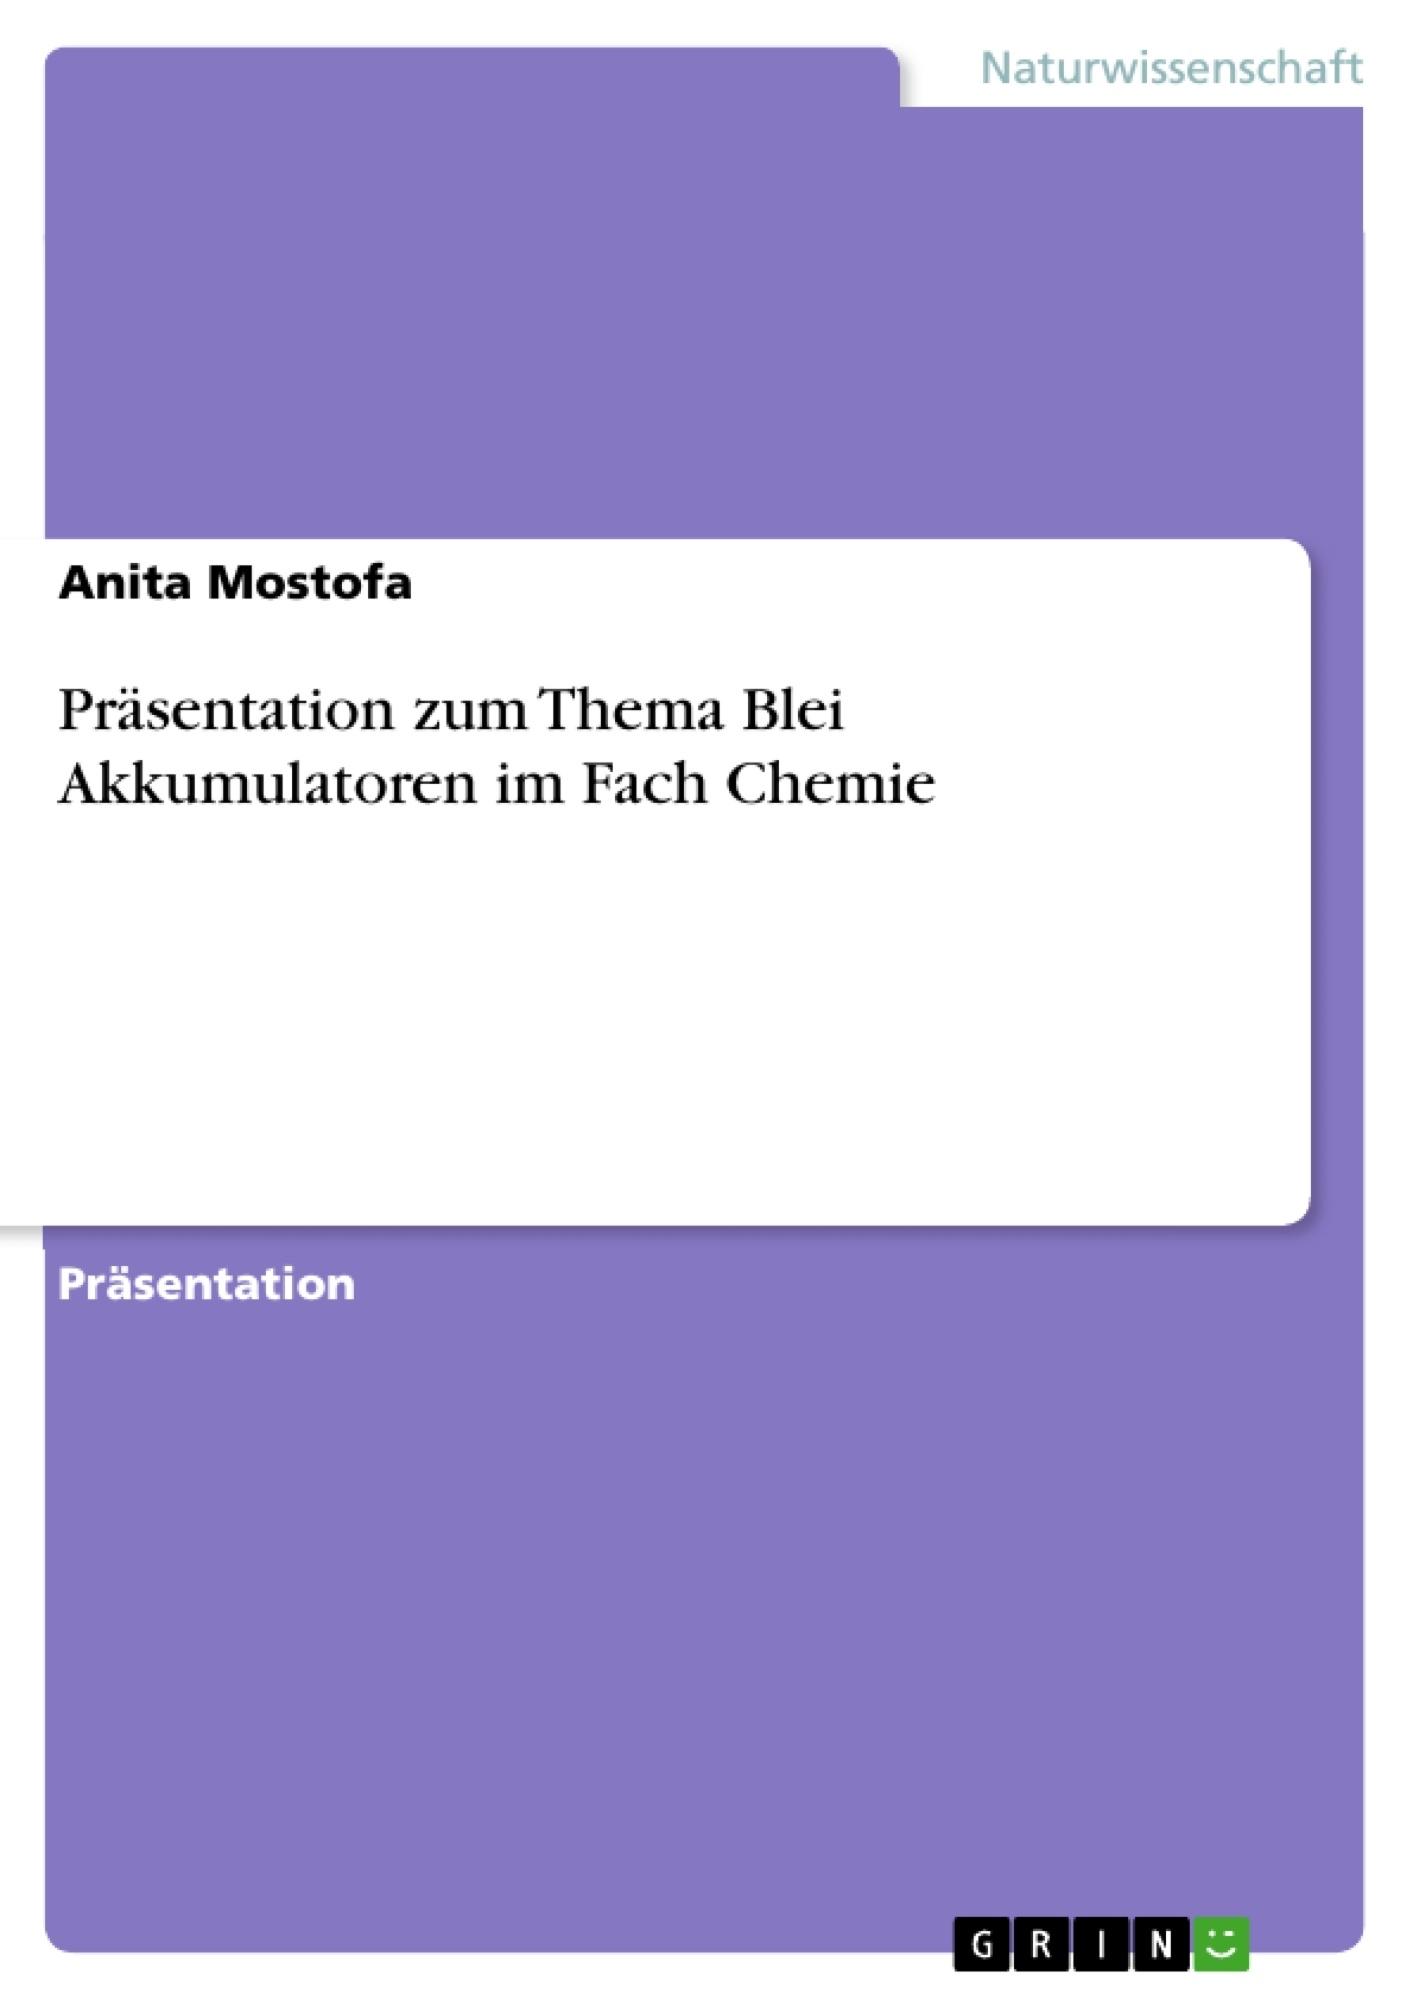 Titel: Präsentation zum Thema Blei Akkumulatoren im Fach Chemie